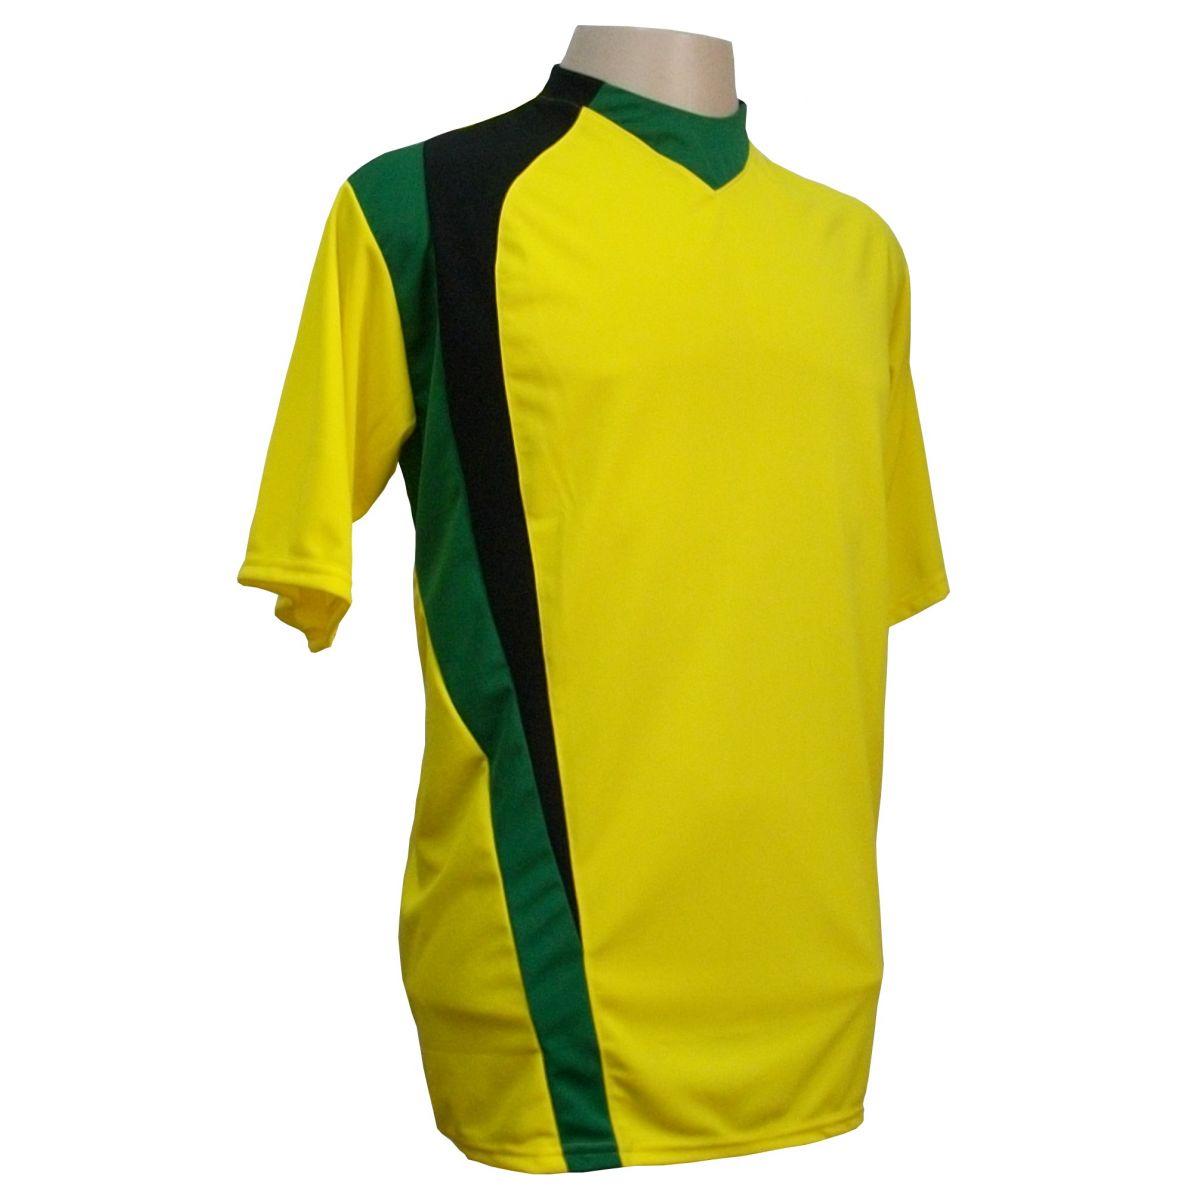 Uniforme Esportivo com 14 camisas modelo PSG Amarelo/Preto/Verde + 14 calções modelo Madrid + 1 Goleiro + Brindes